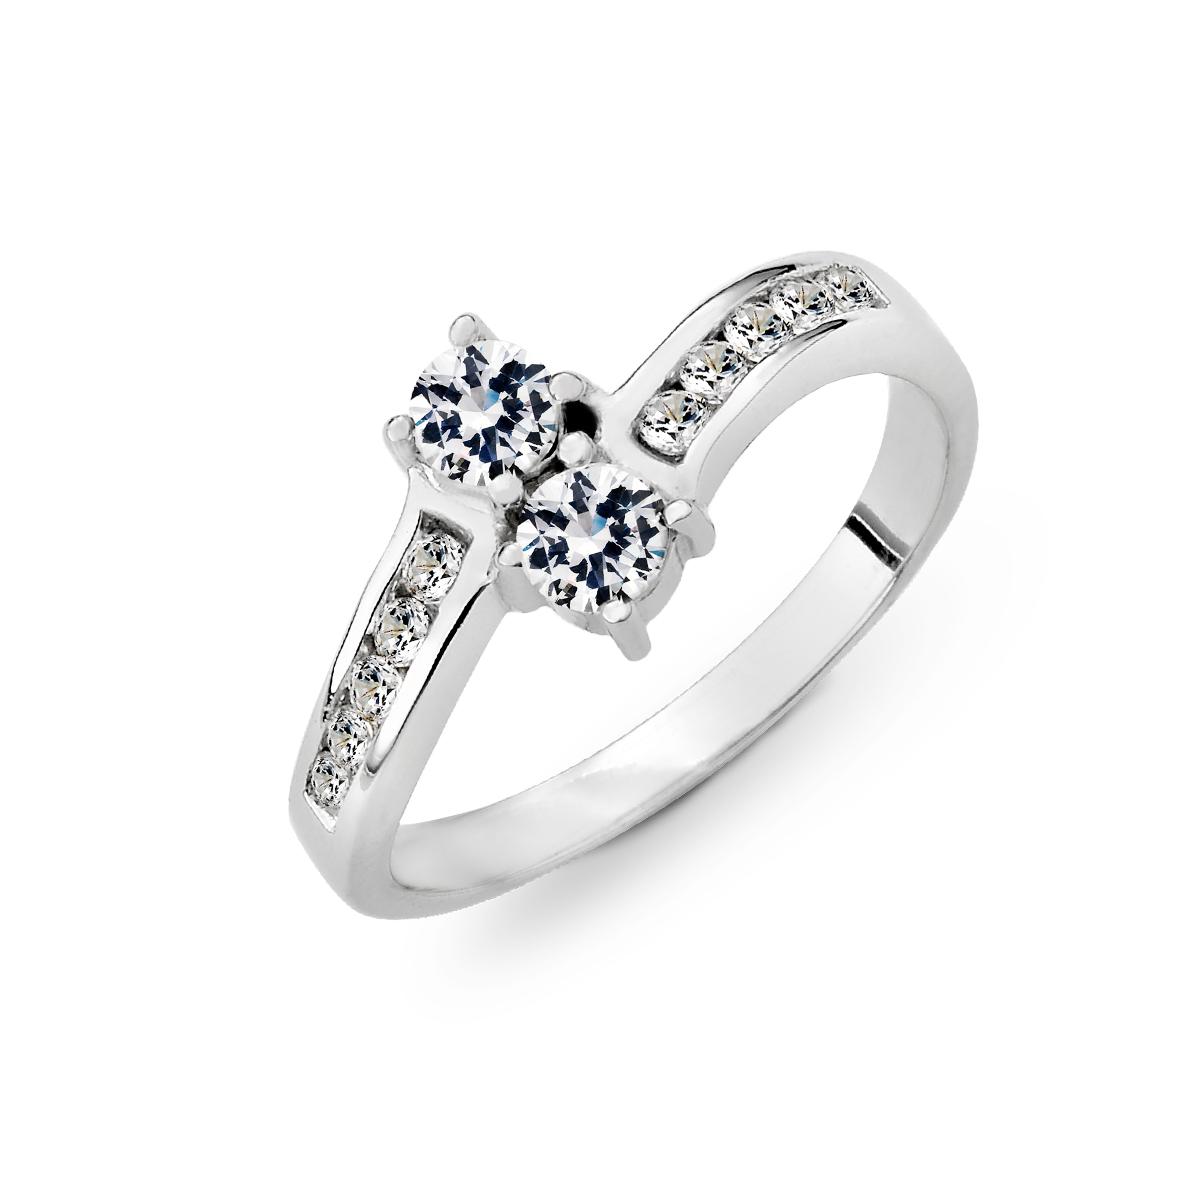 KSW242 幸福流動流線感戒指